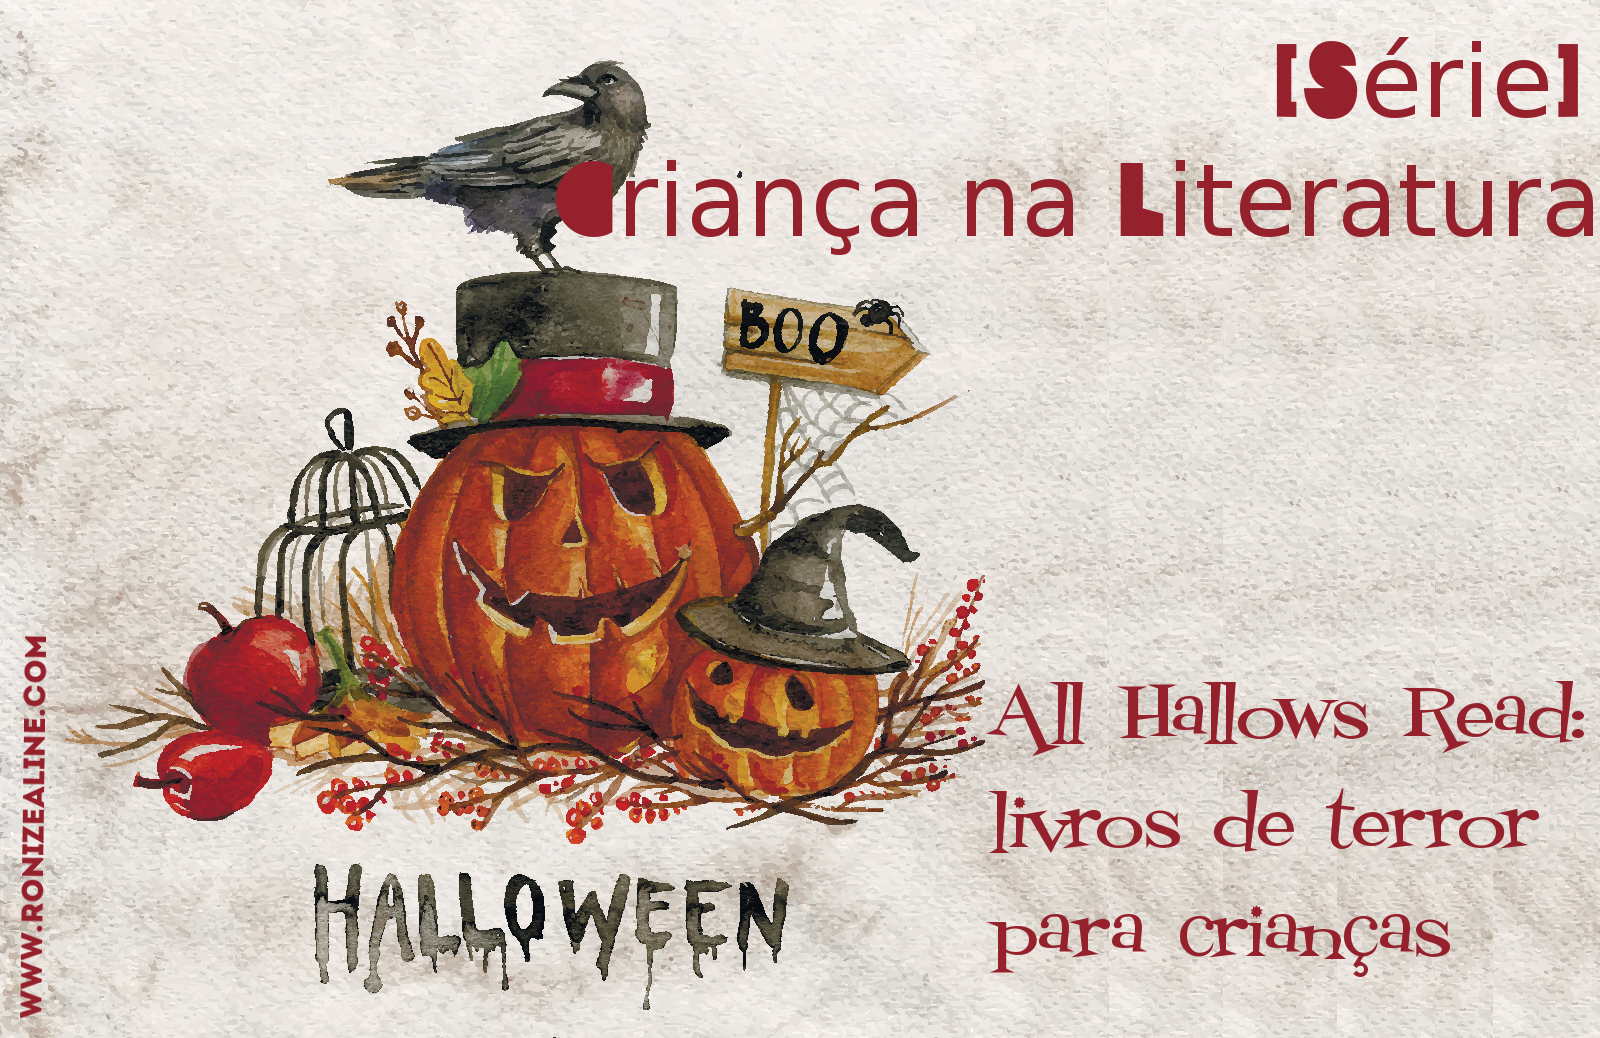 All Hallows Read: livros de terror para crianças